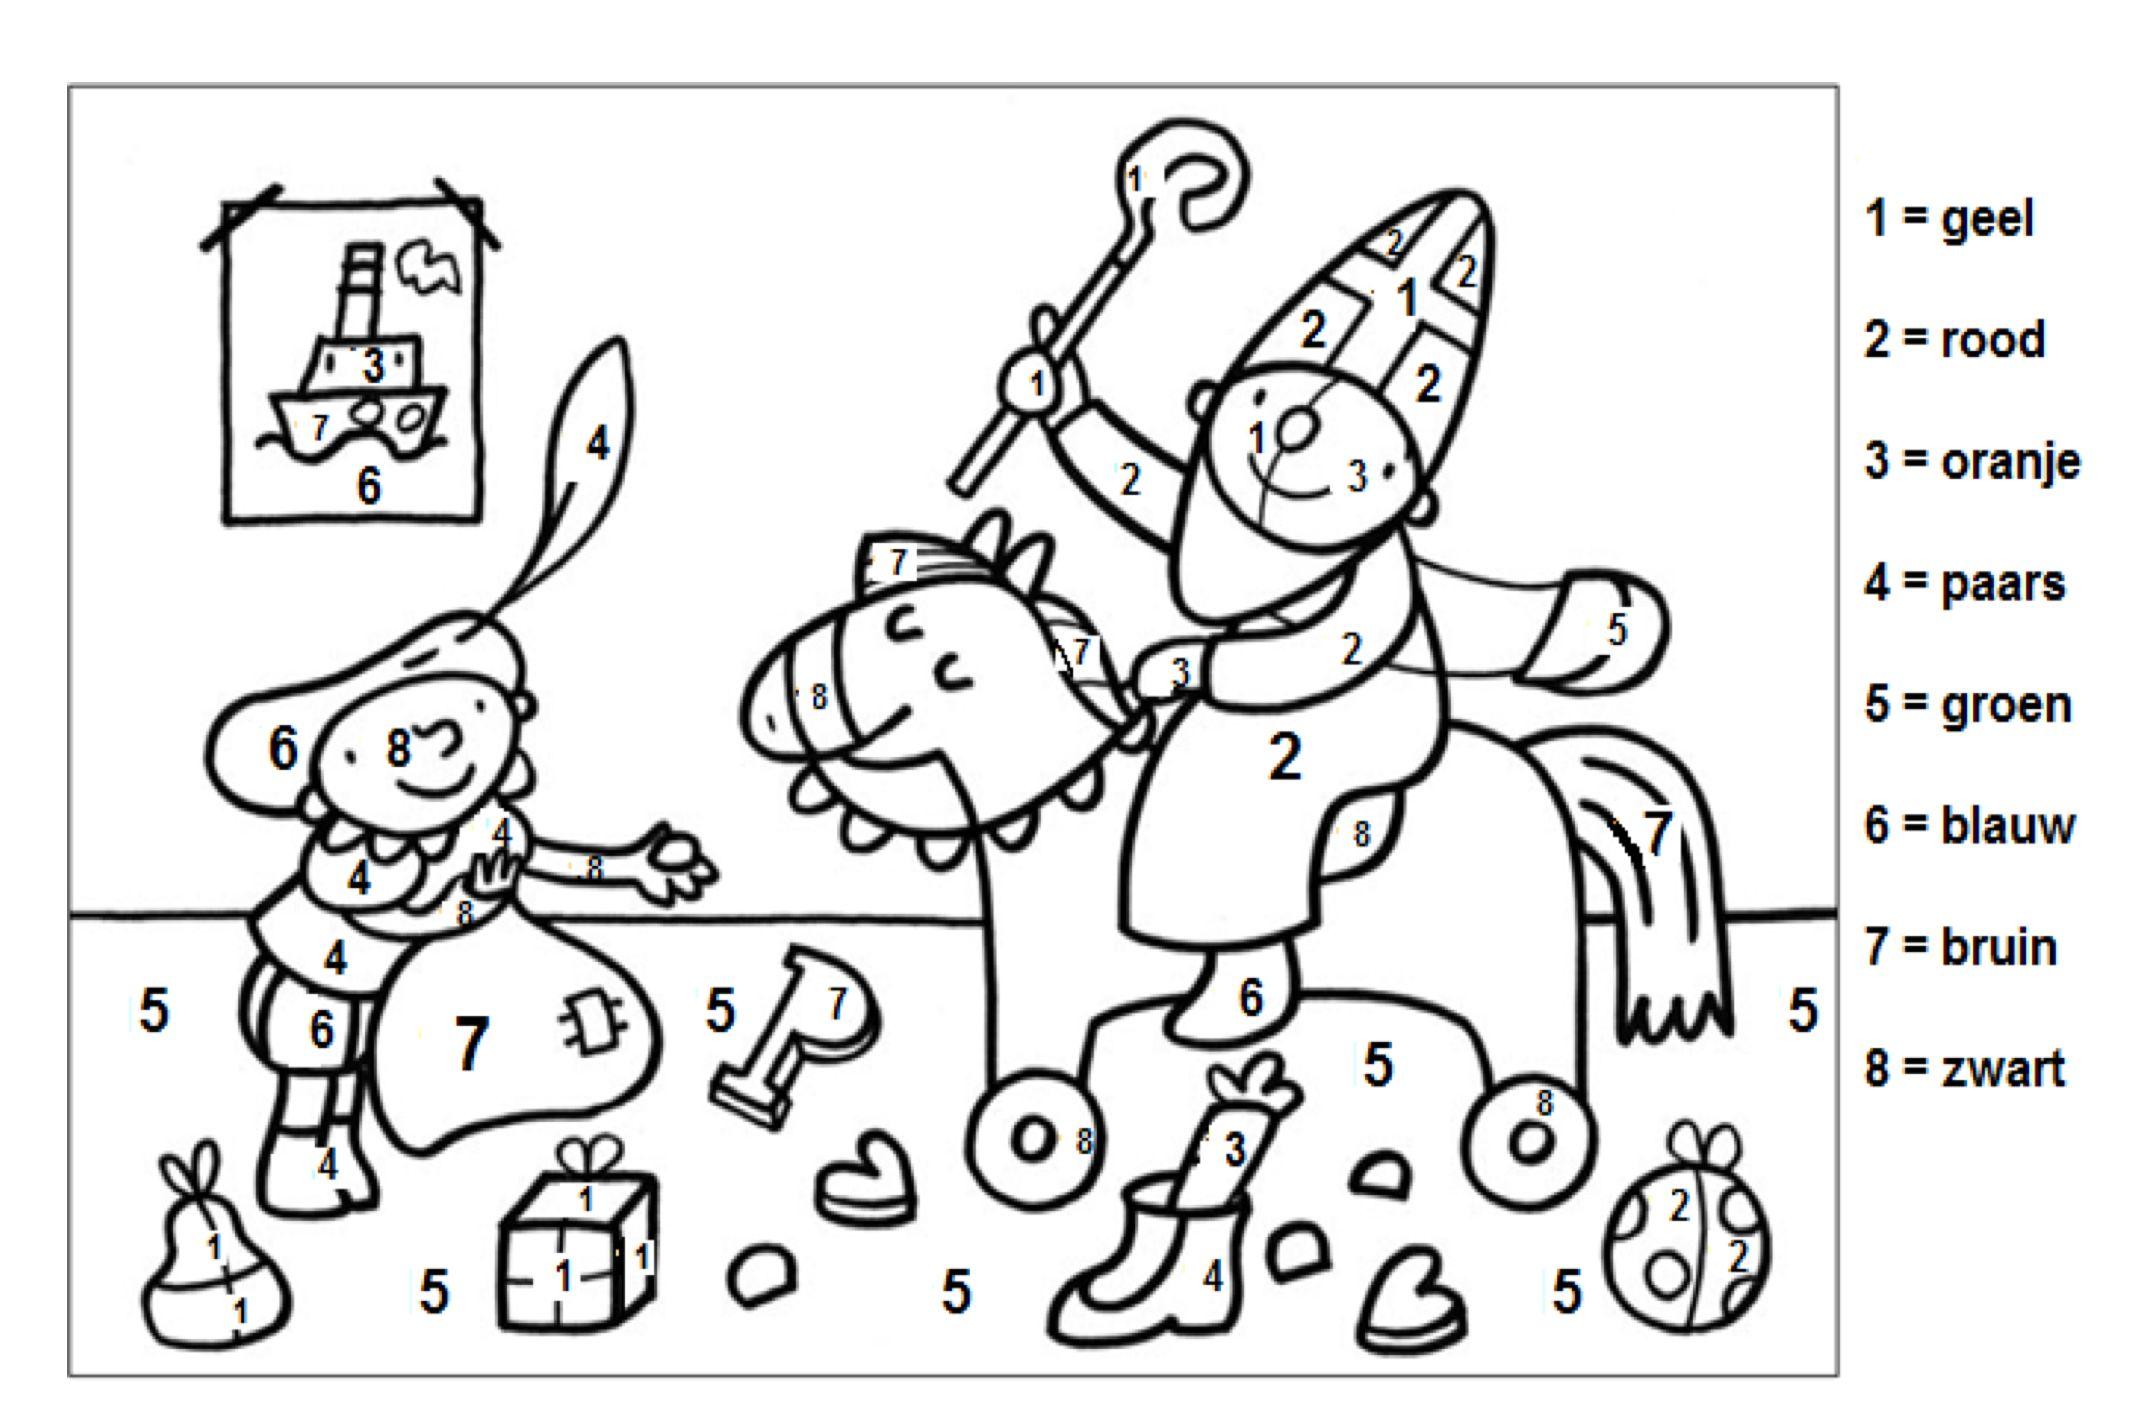 Pin Van Trudy Bel Op Sinterklaas Kapoentje Sinterklaas Knutselen Sinterklaas Thema